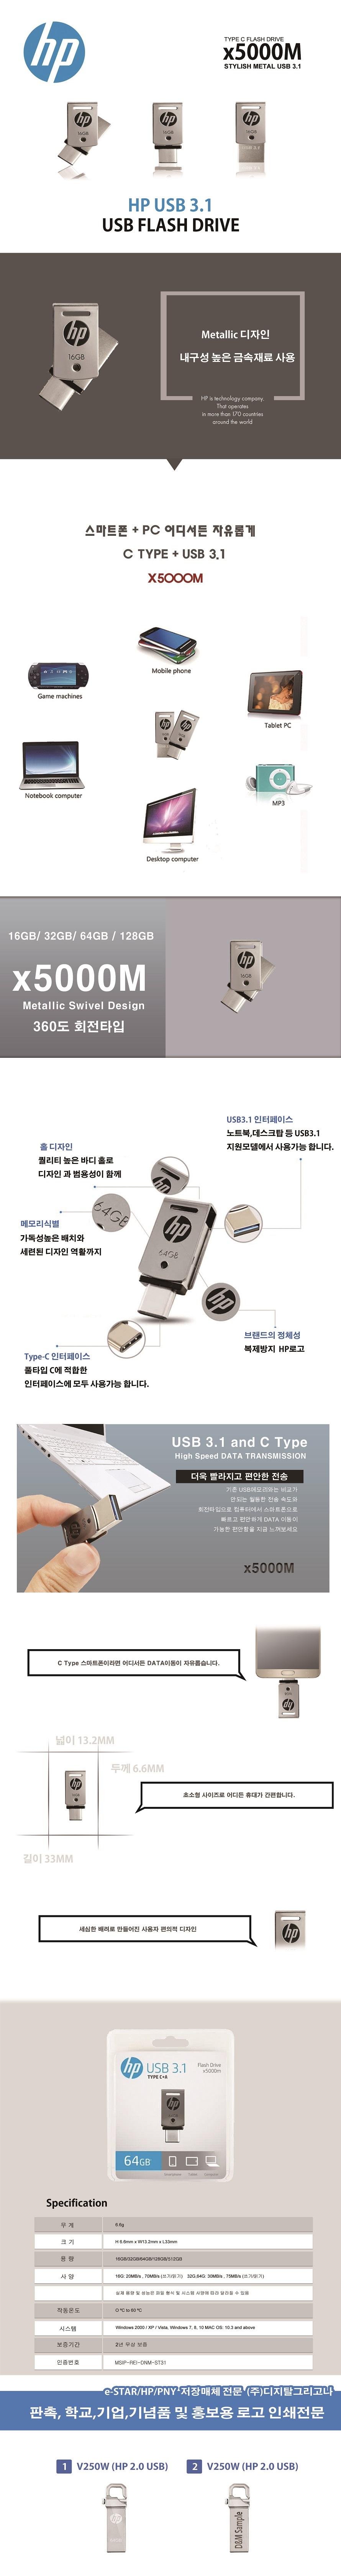 HP X5000M (16GB)